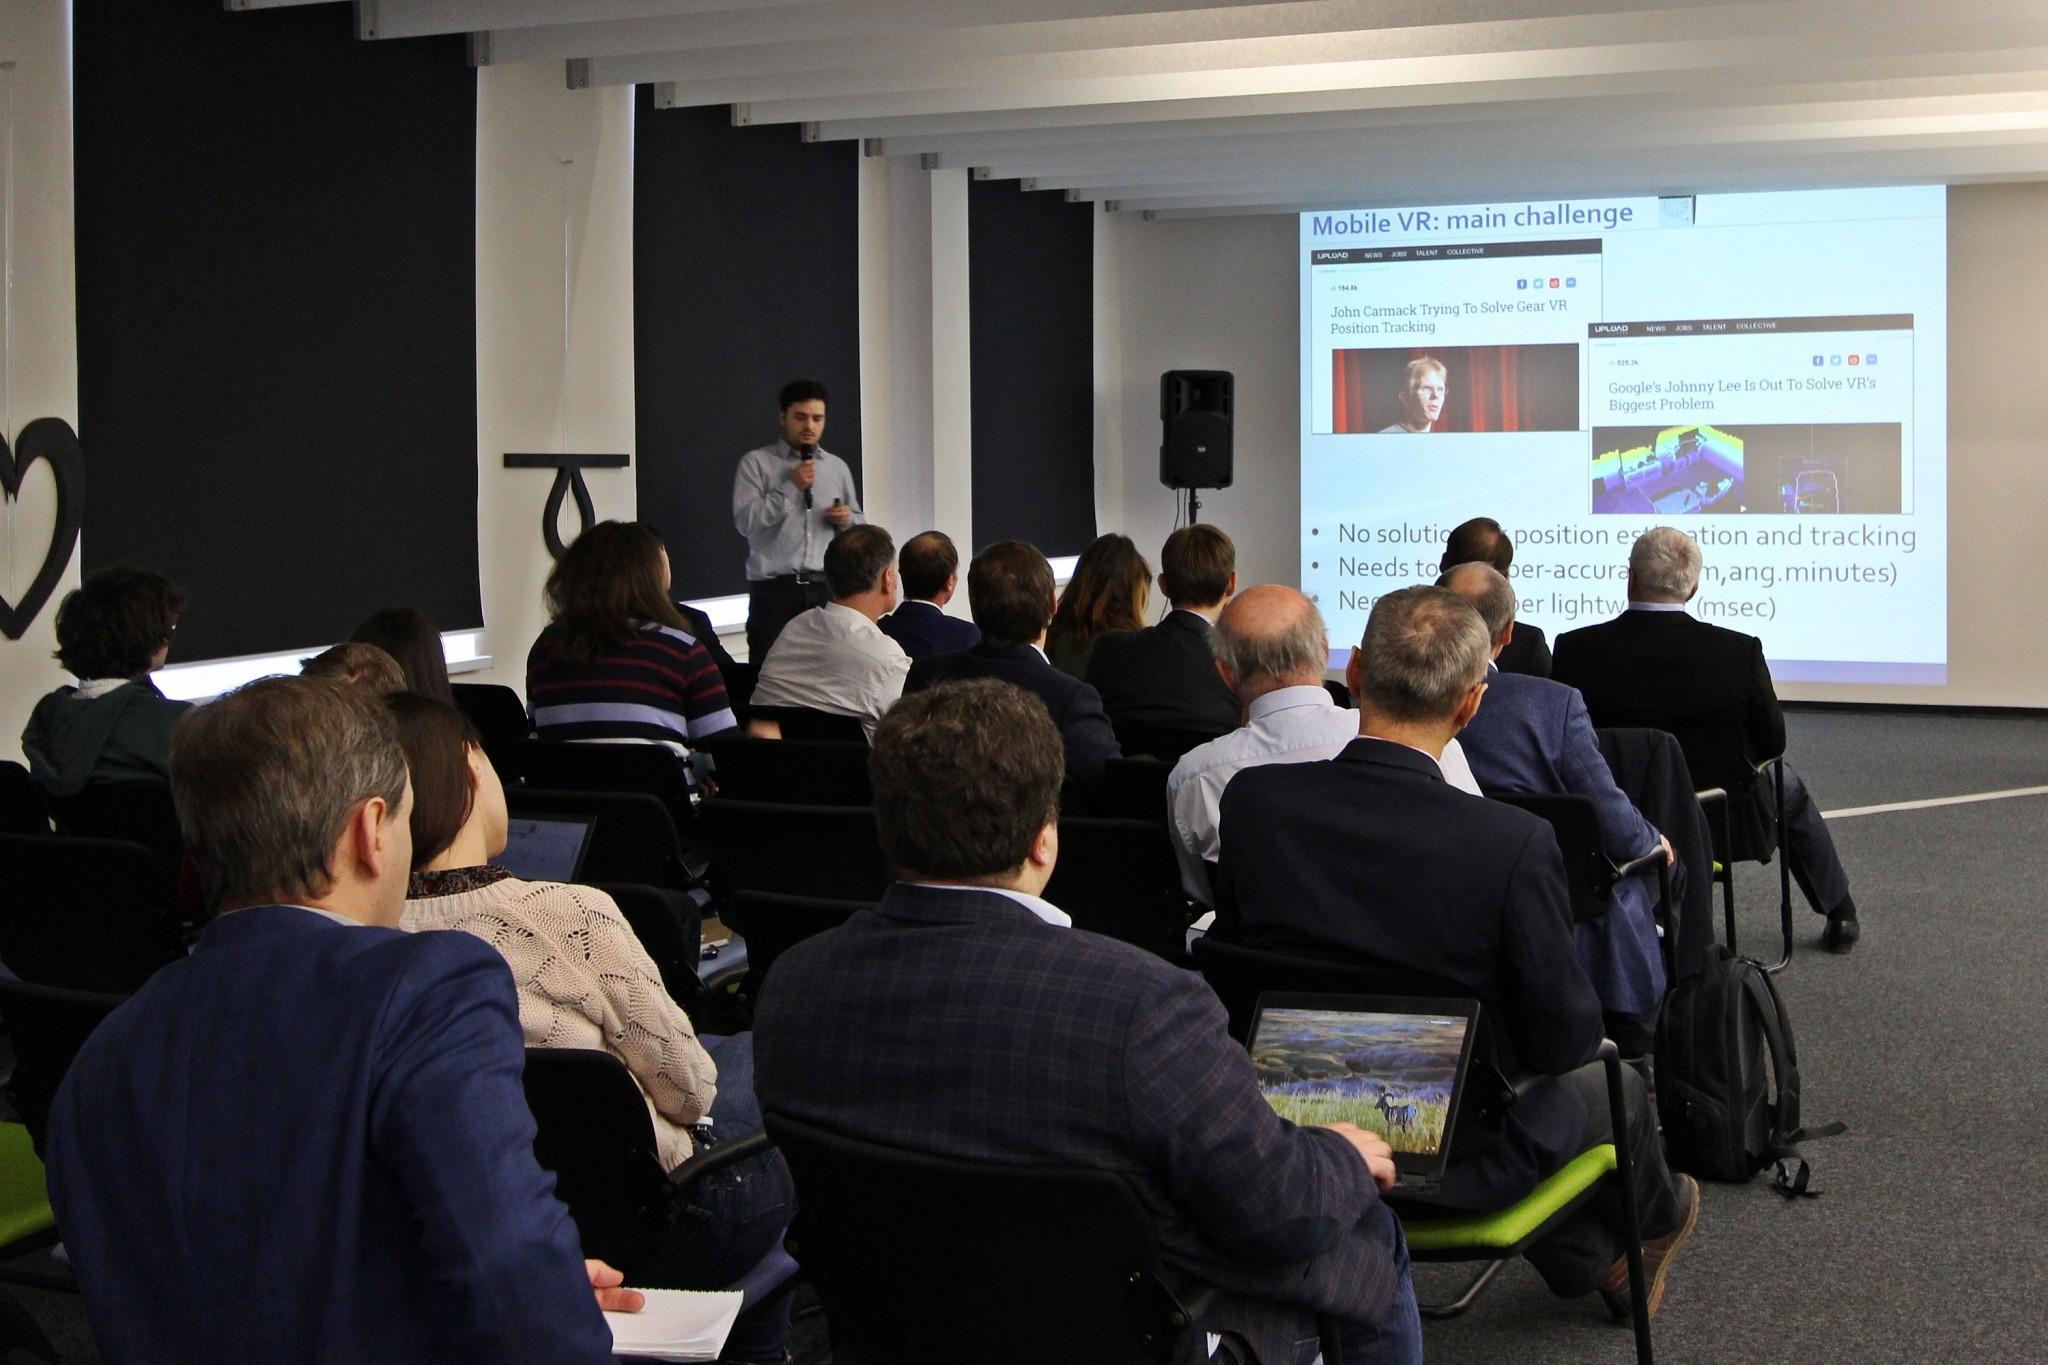 Skoltech Professor Victor Lempitsky presents on his project. Photo: Skoltech.